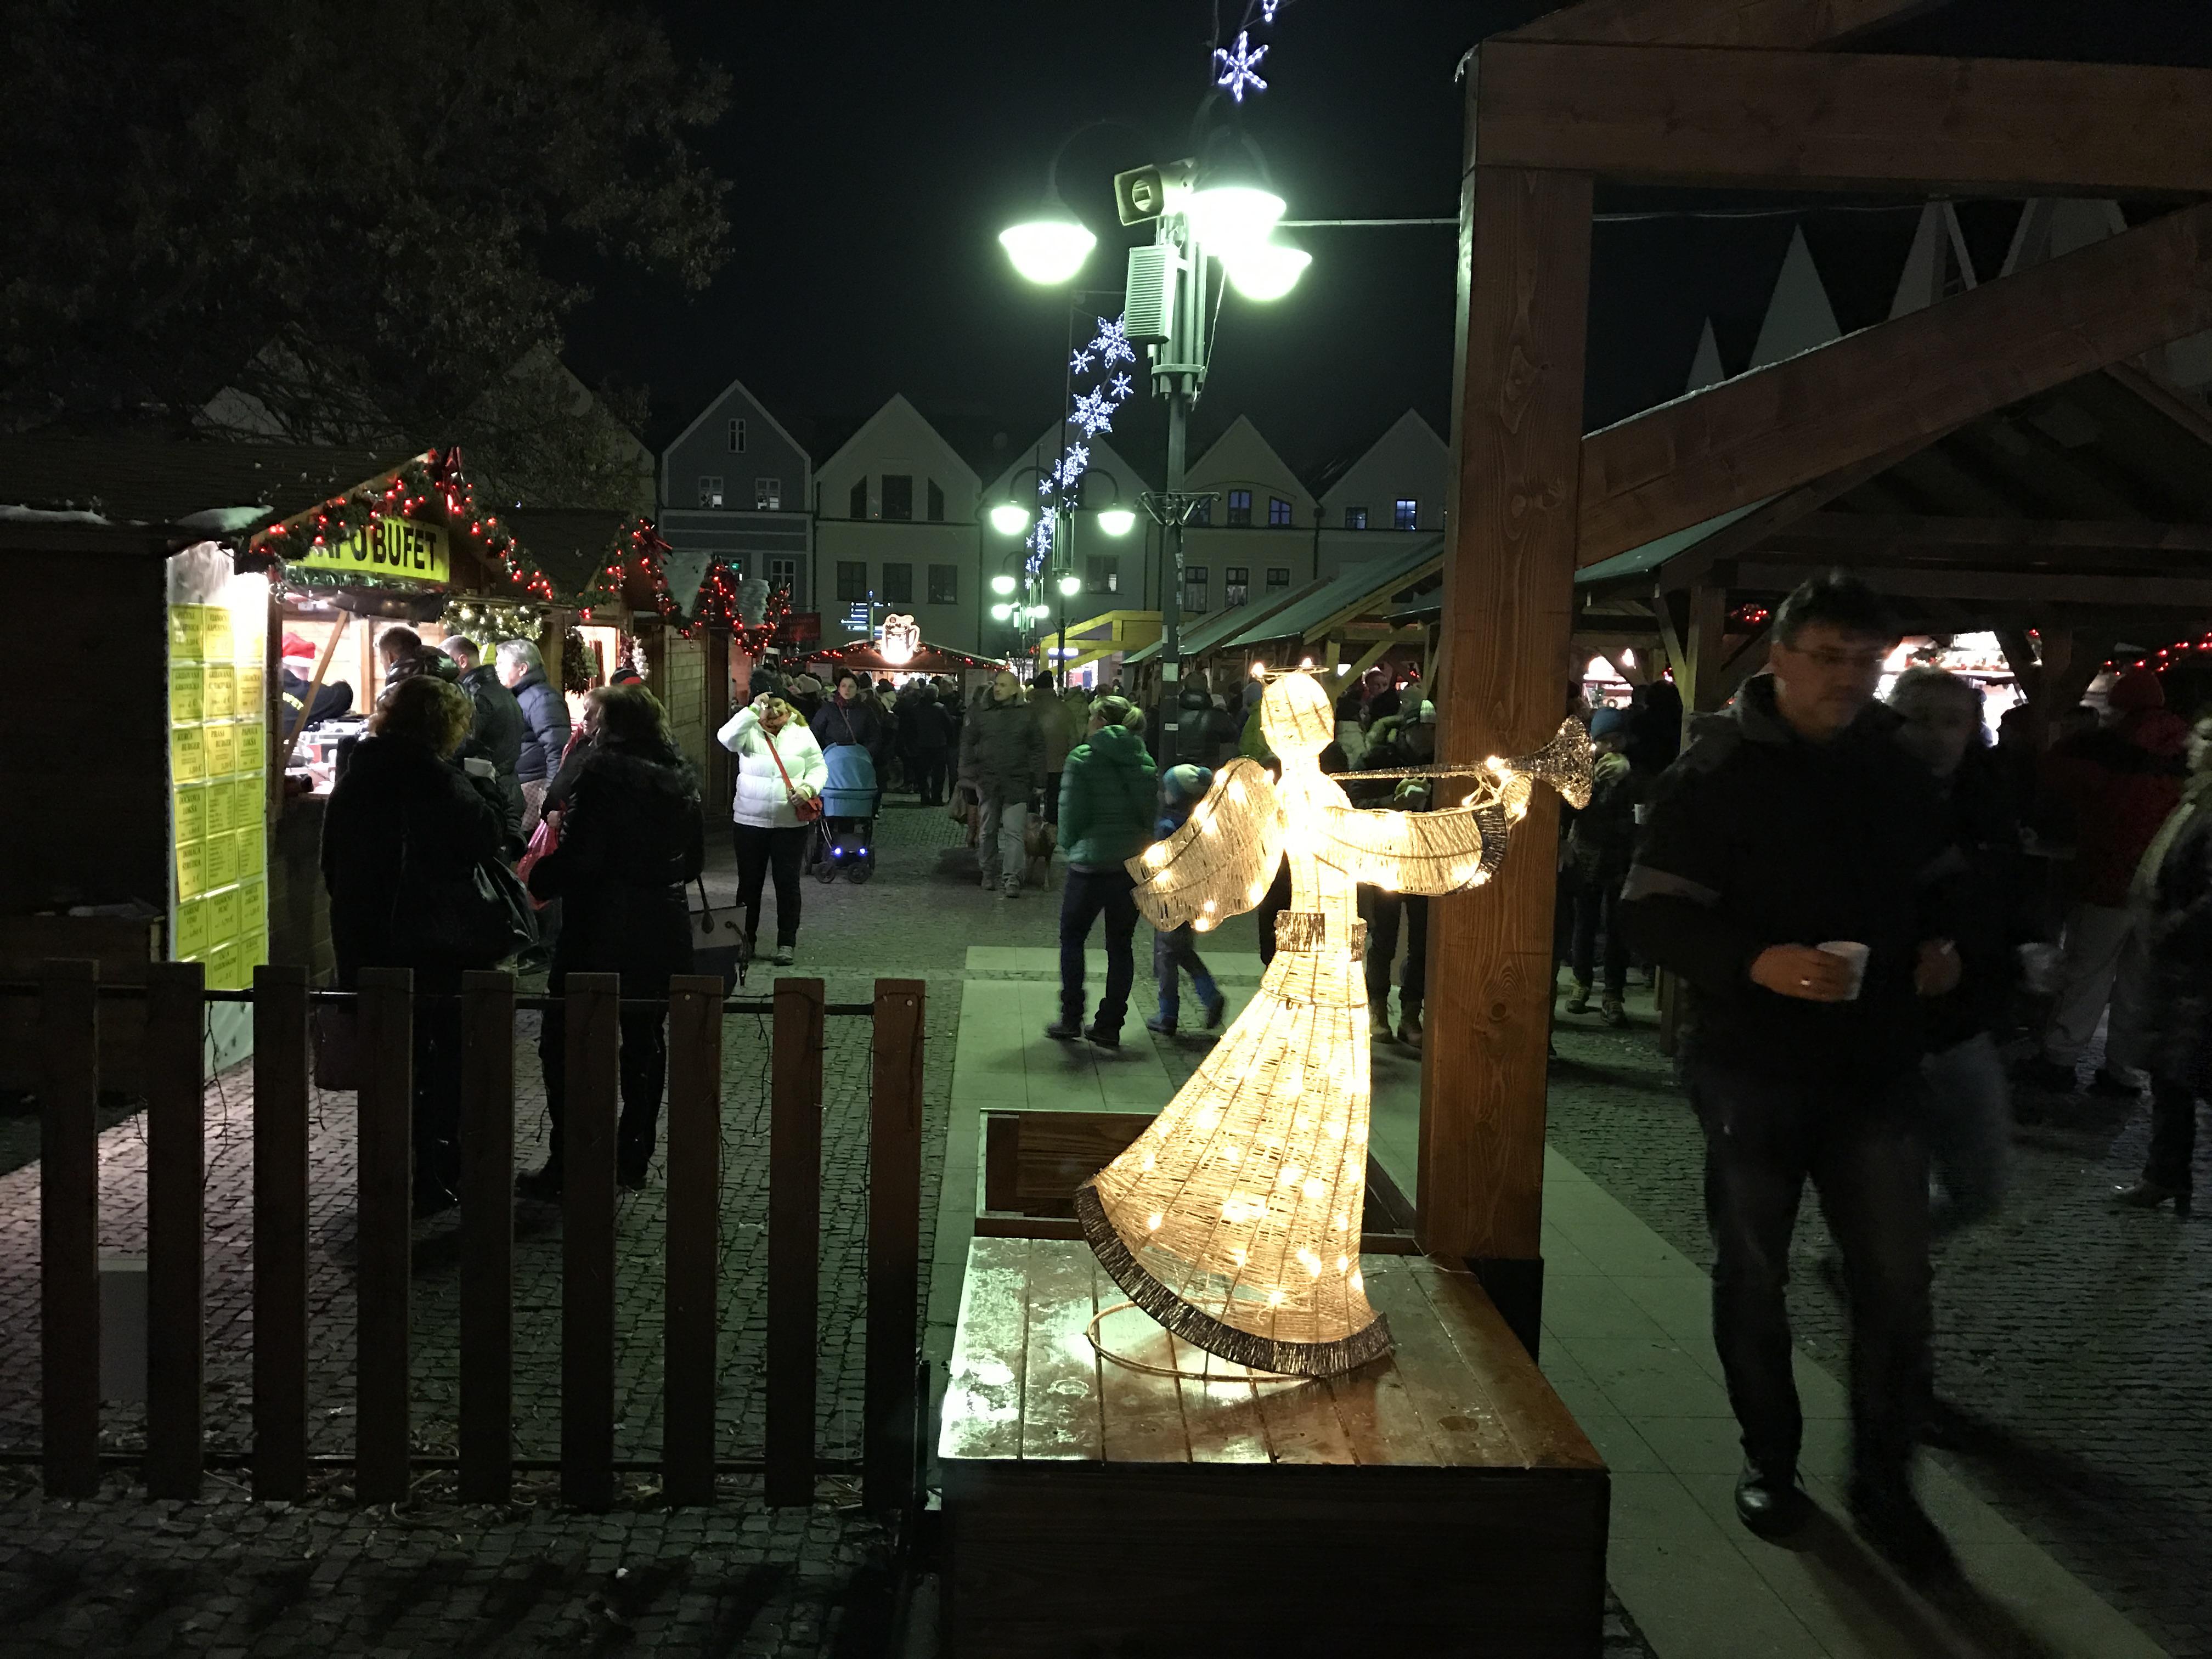 Vianočné trhy v Žiline. Zdroj: Matúš Materna